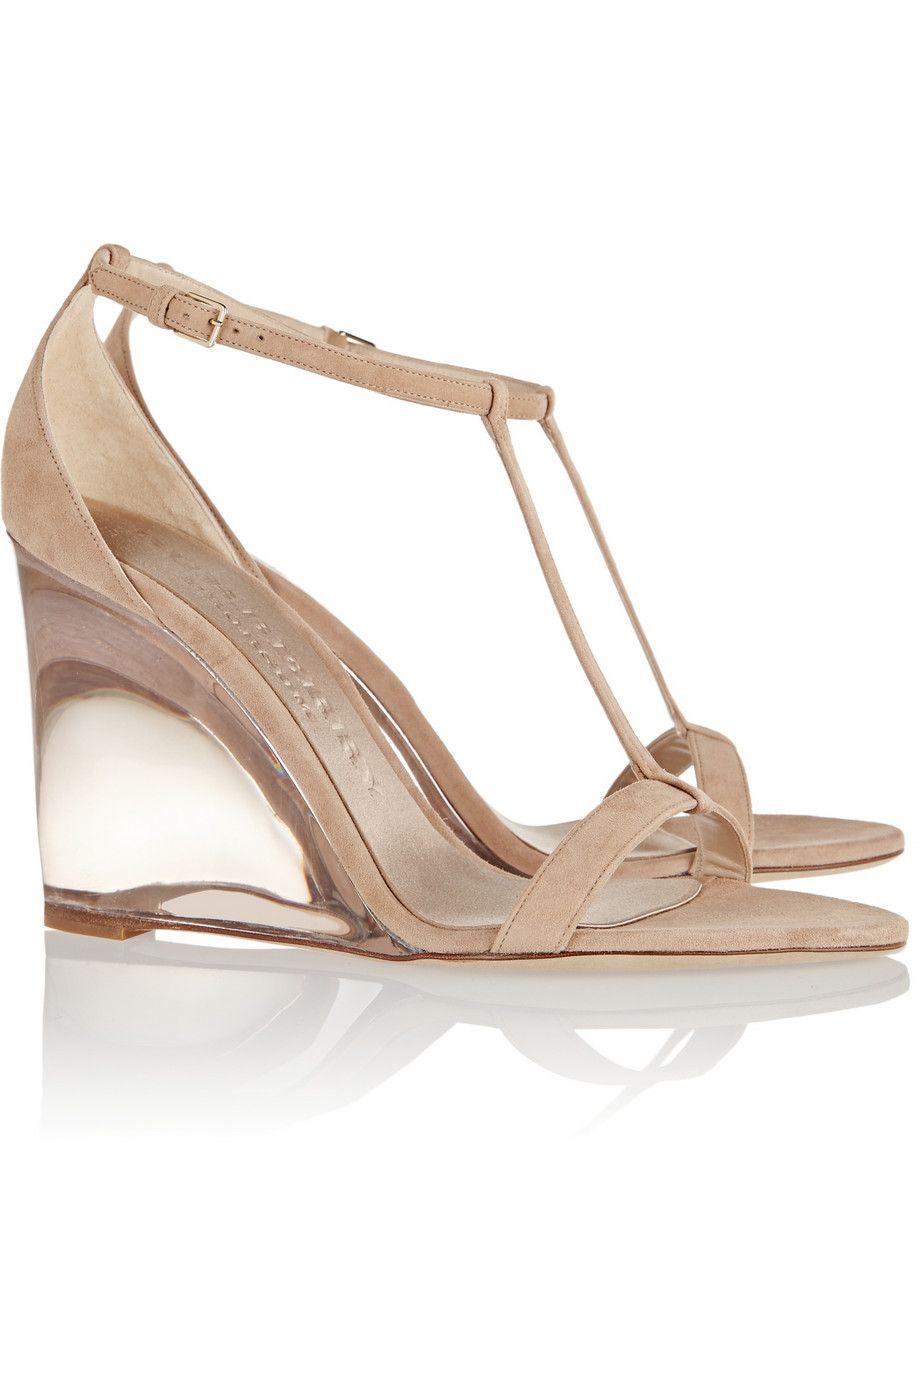 Burberry Prorsum   Leyburn suede wedge sandals   NET-A-PORTER.COM ... f58ef8134b9